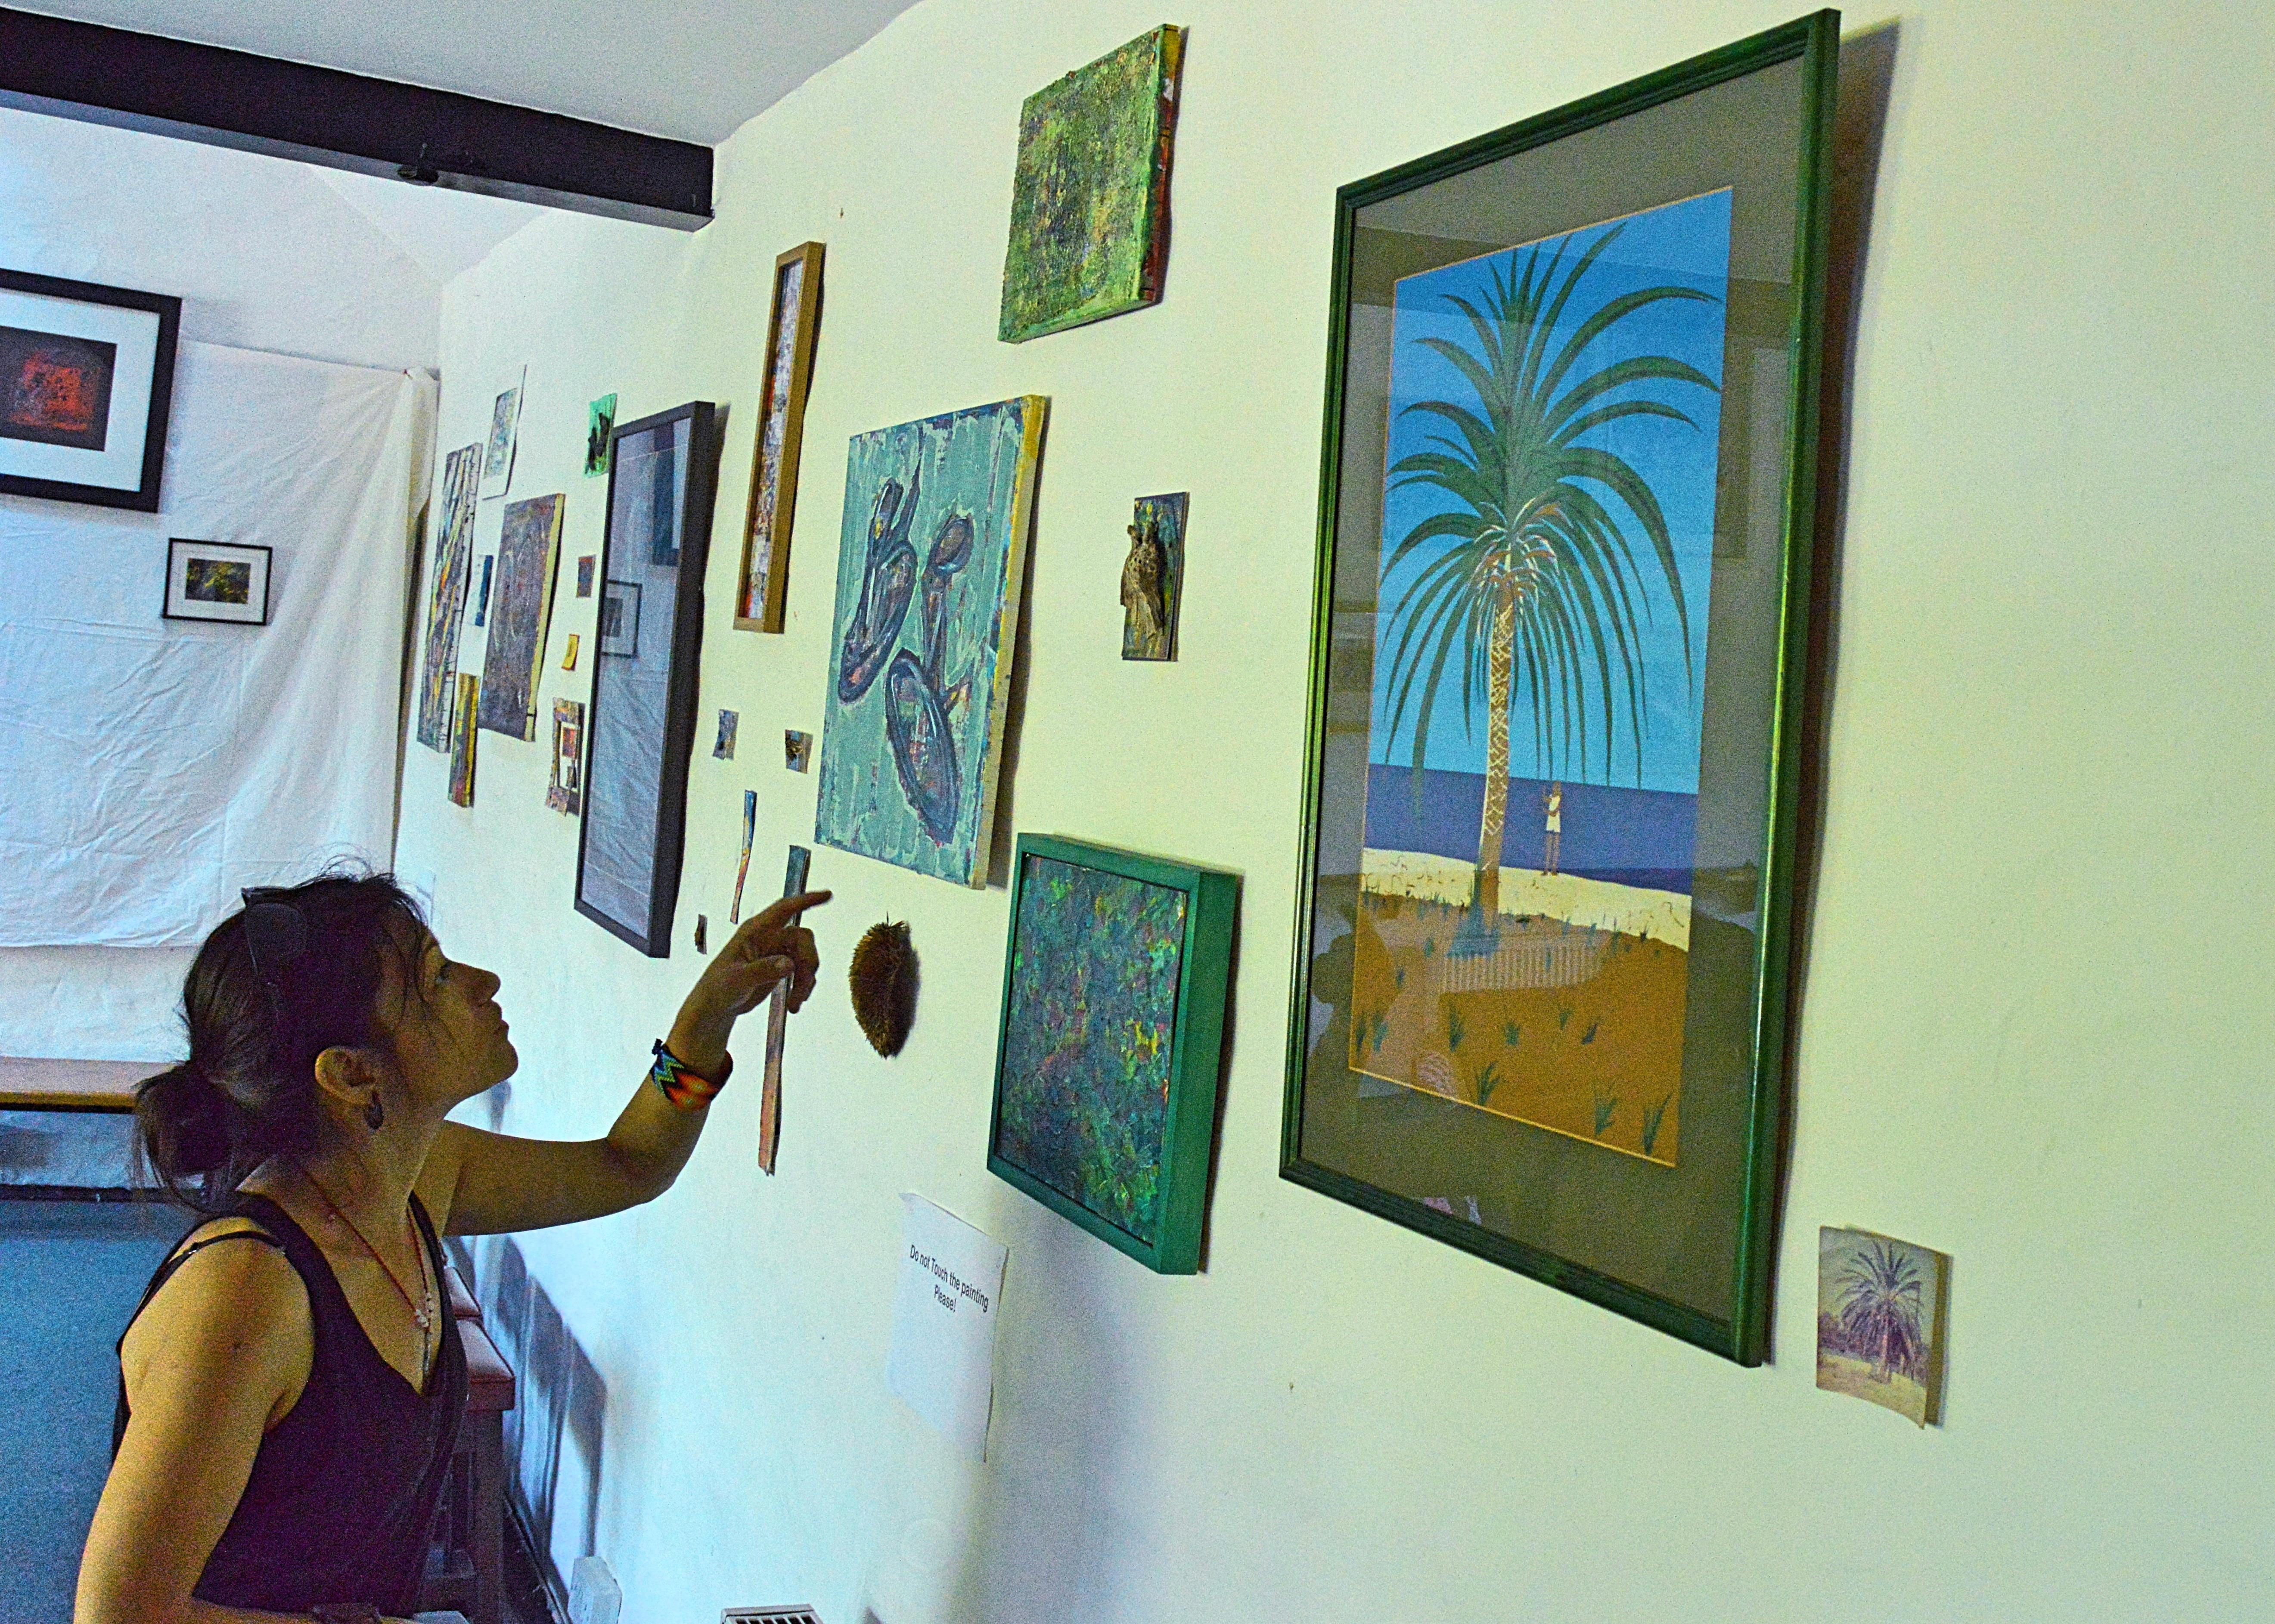 Braich Goch Art Exhibition